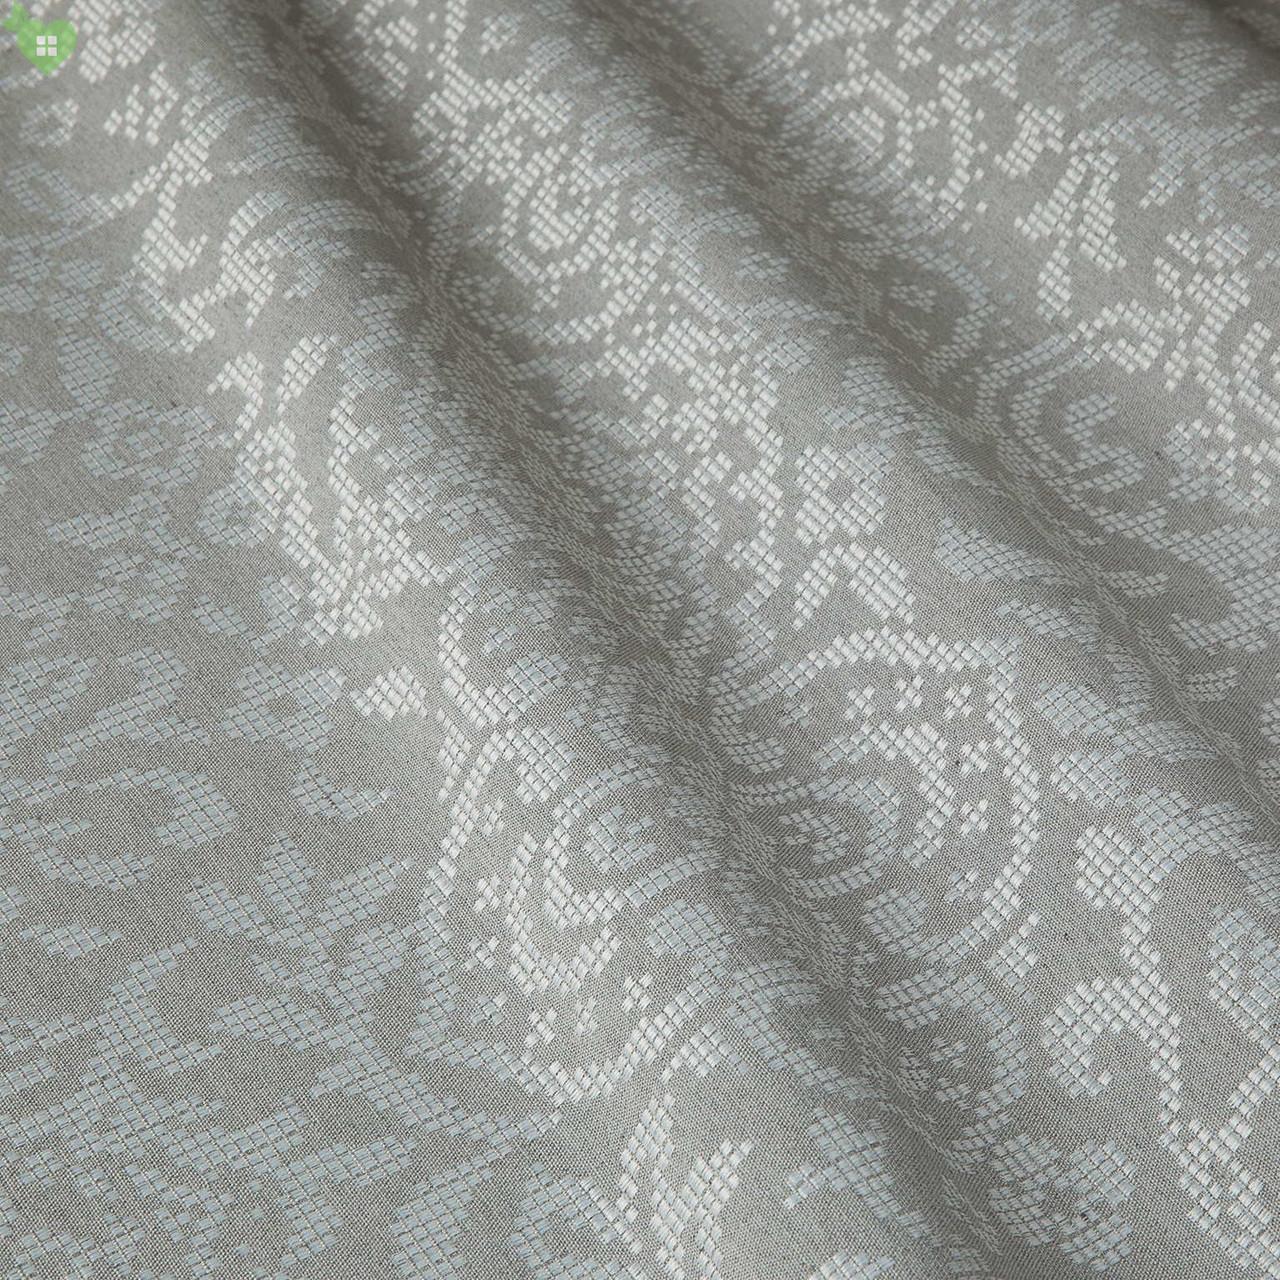 Декоративна тканина з сріблястим класичним візерунком на сірому тлі жаккард Іспанія 83290v1